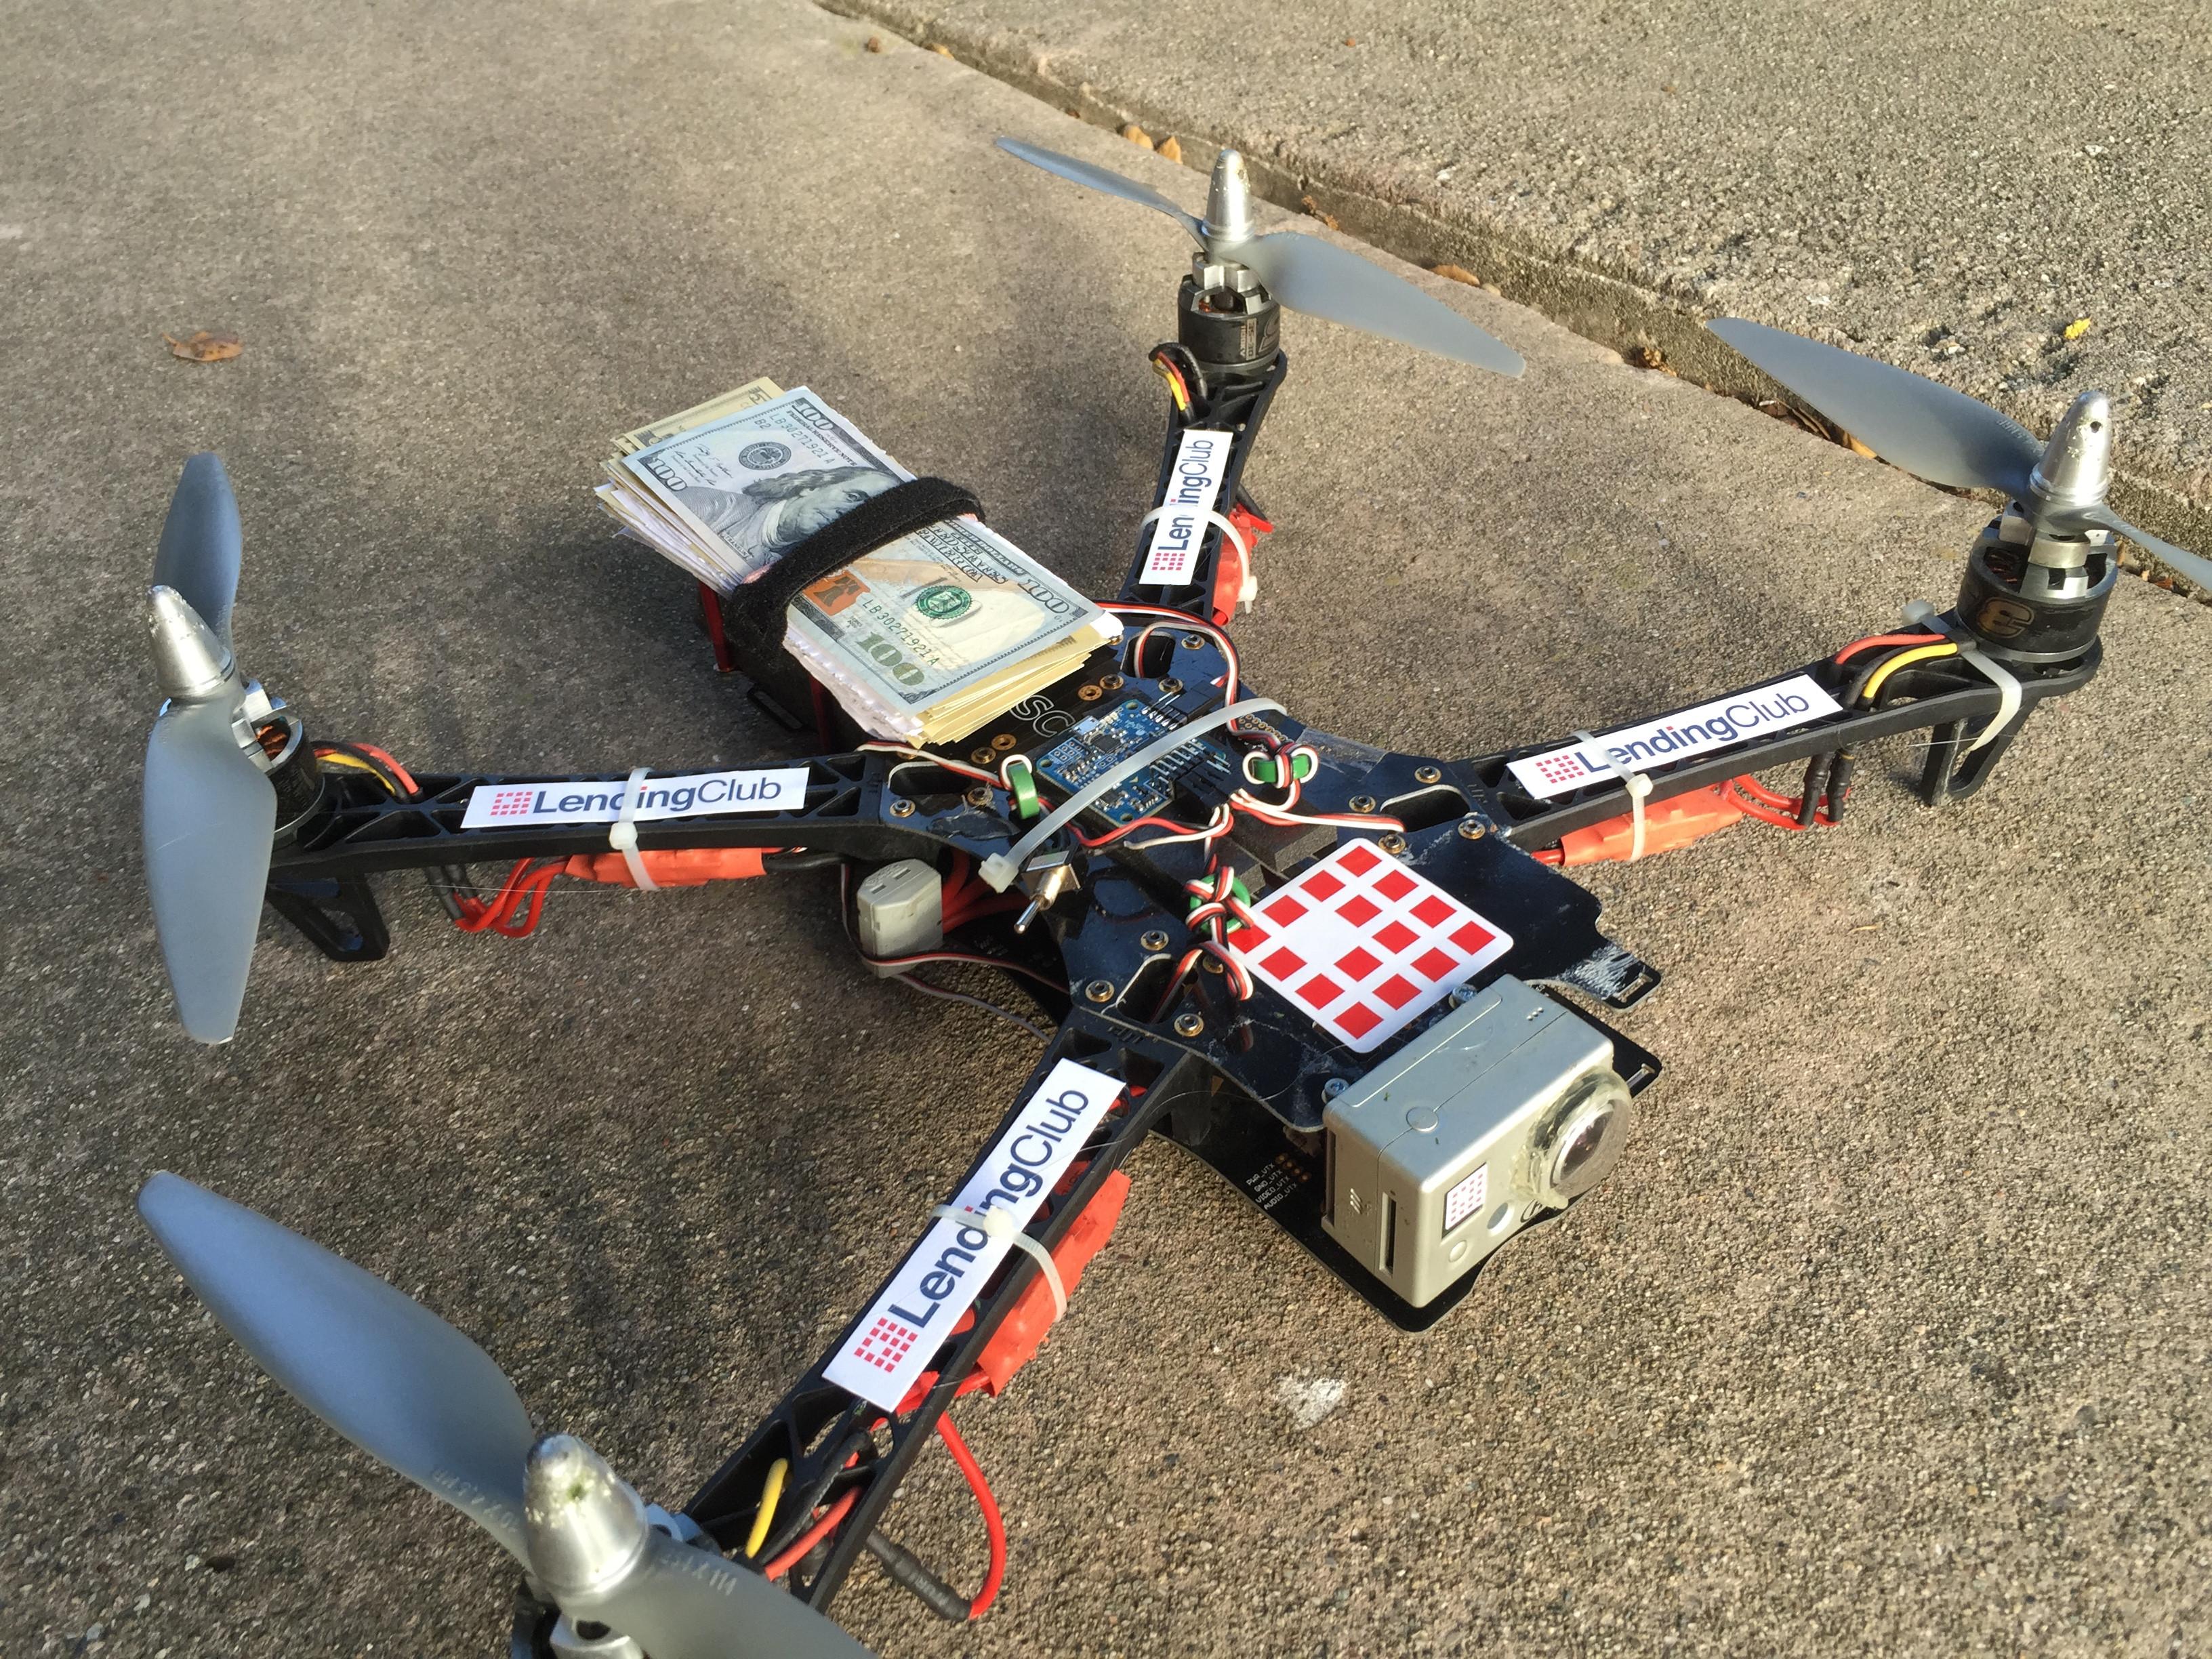 Diy Drone  Mark Harrison s Blog DIY Drones